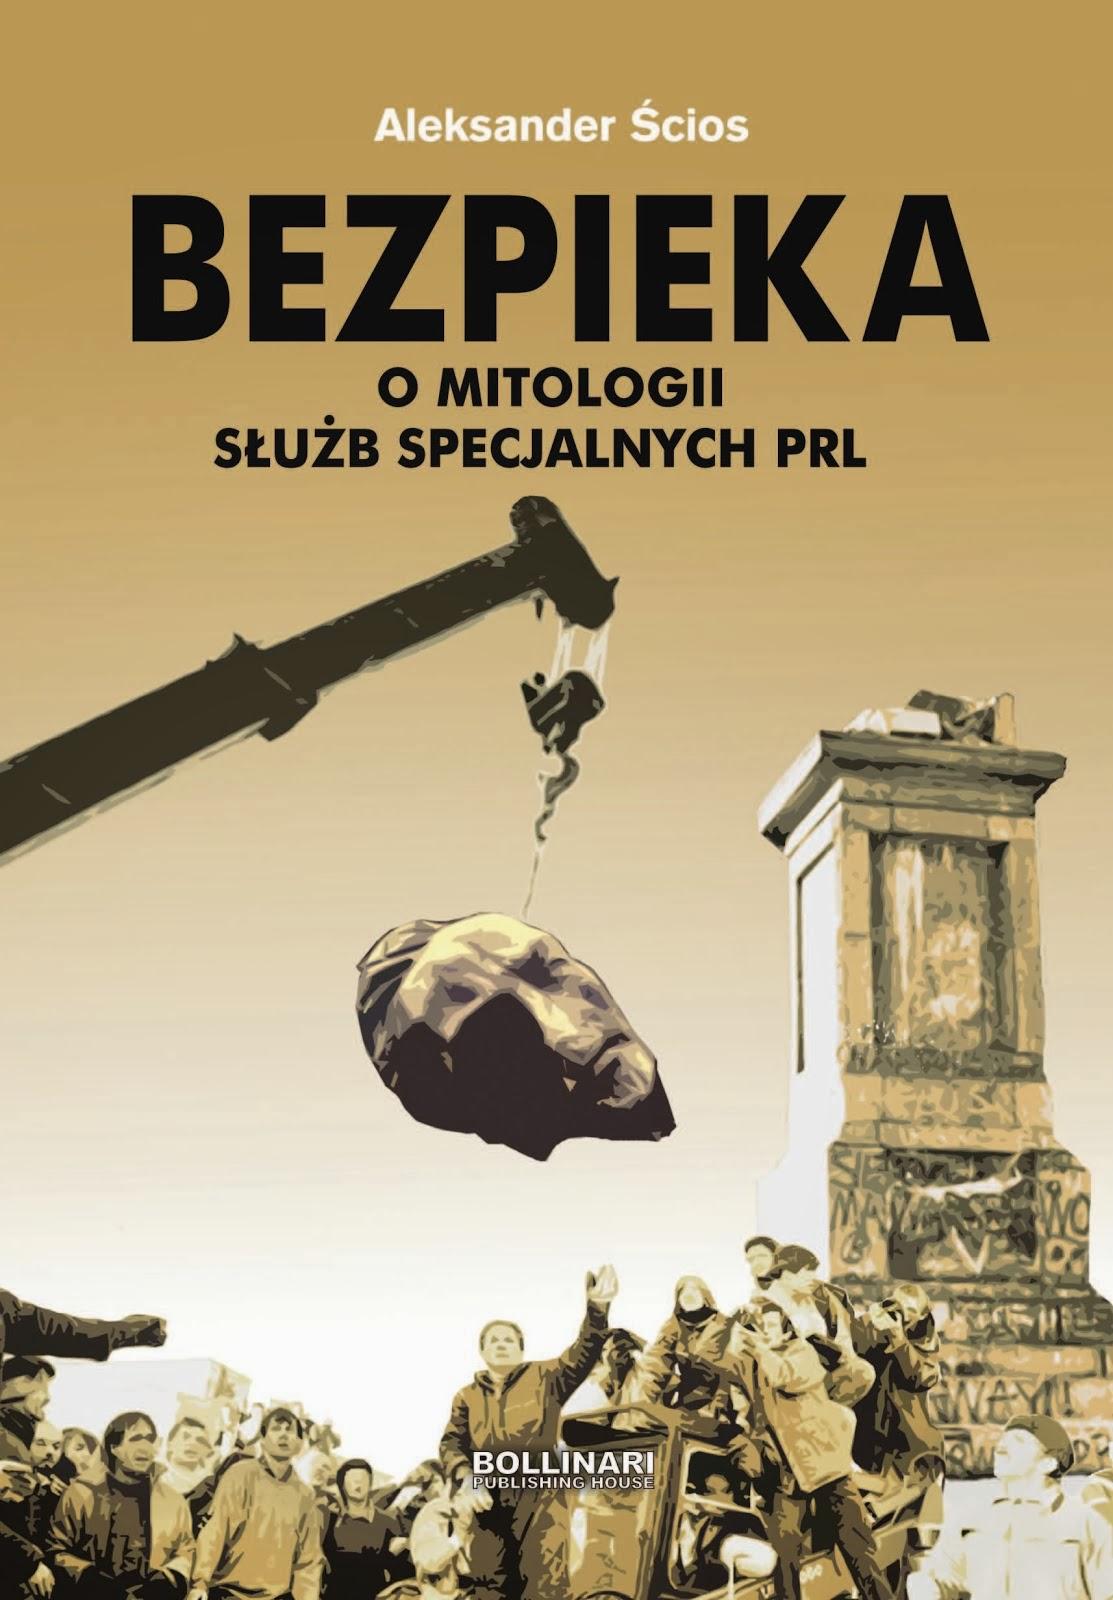 Bezpieka - O mitologii służb specjalnych PRL